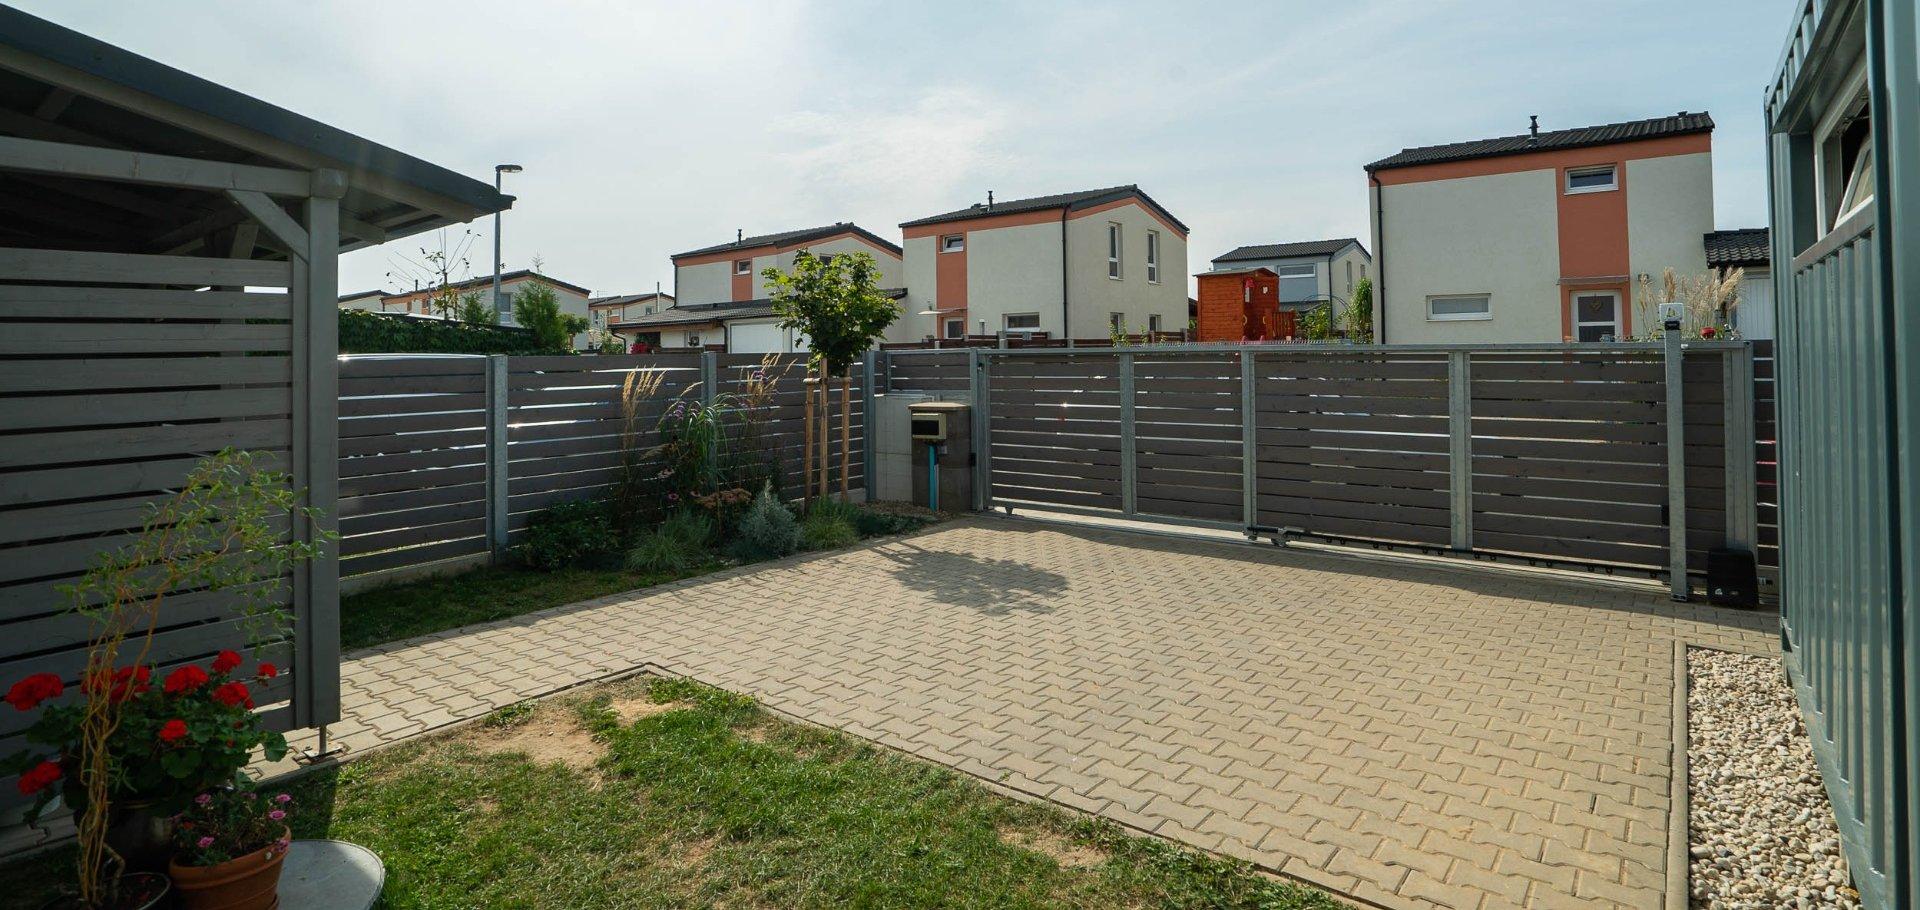 Moderní řadový rodinný dům se zahradou a terasou